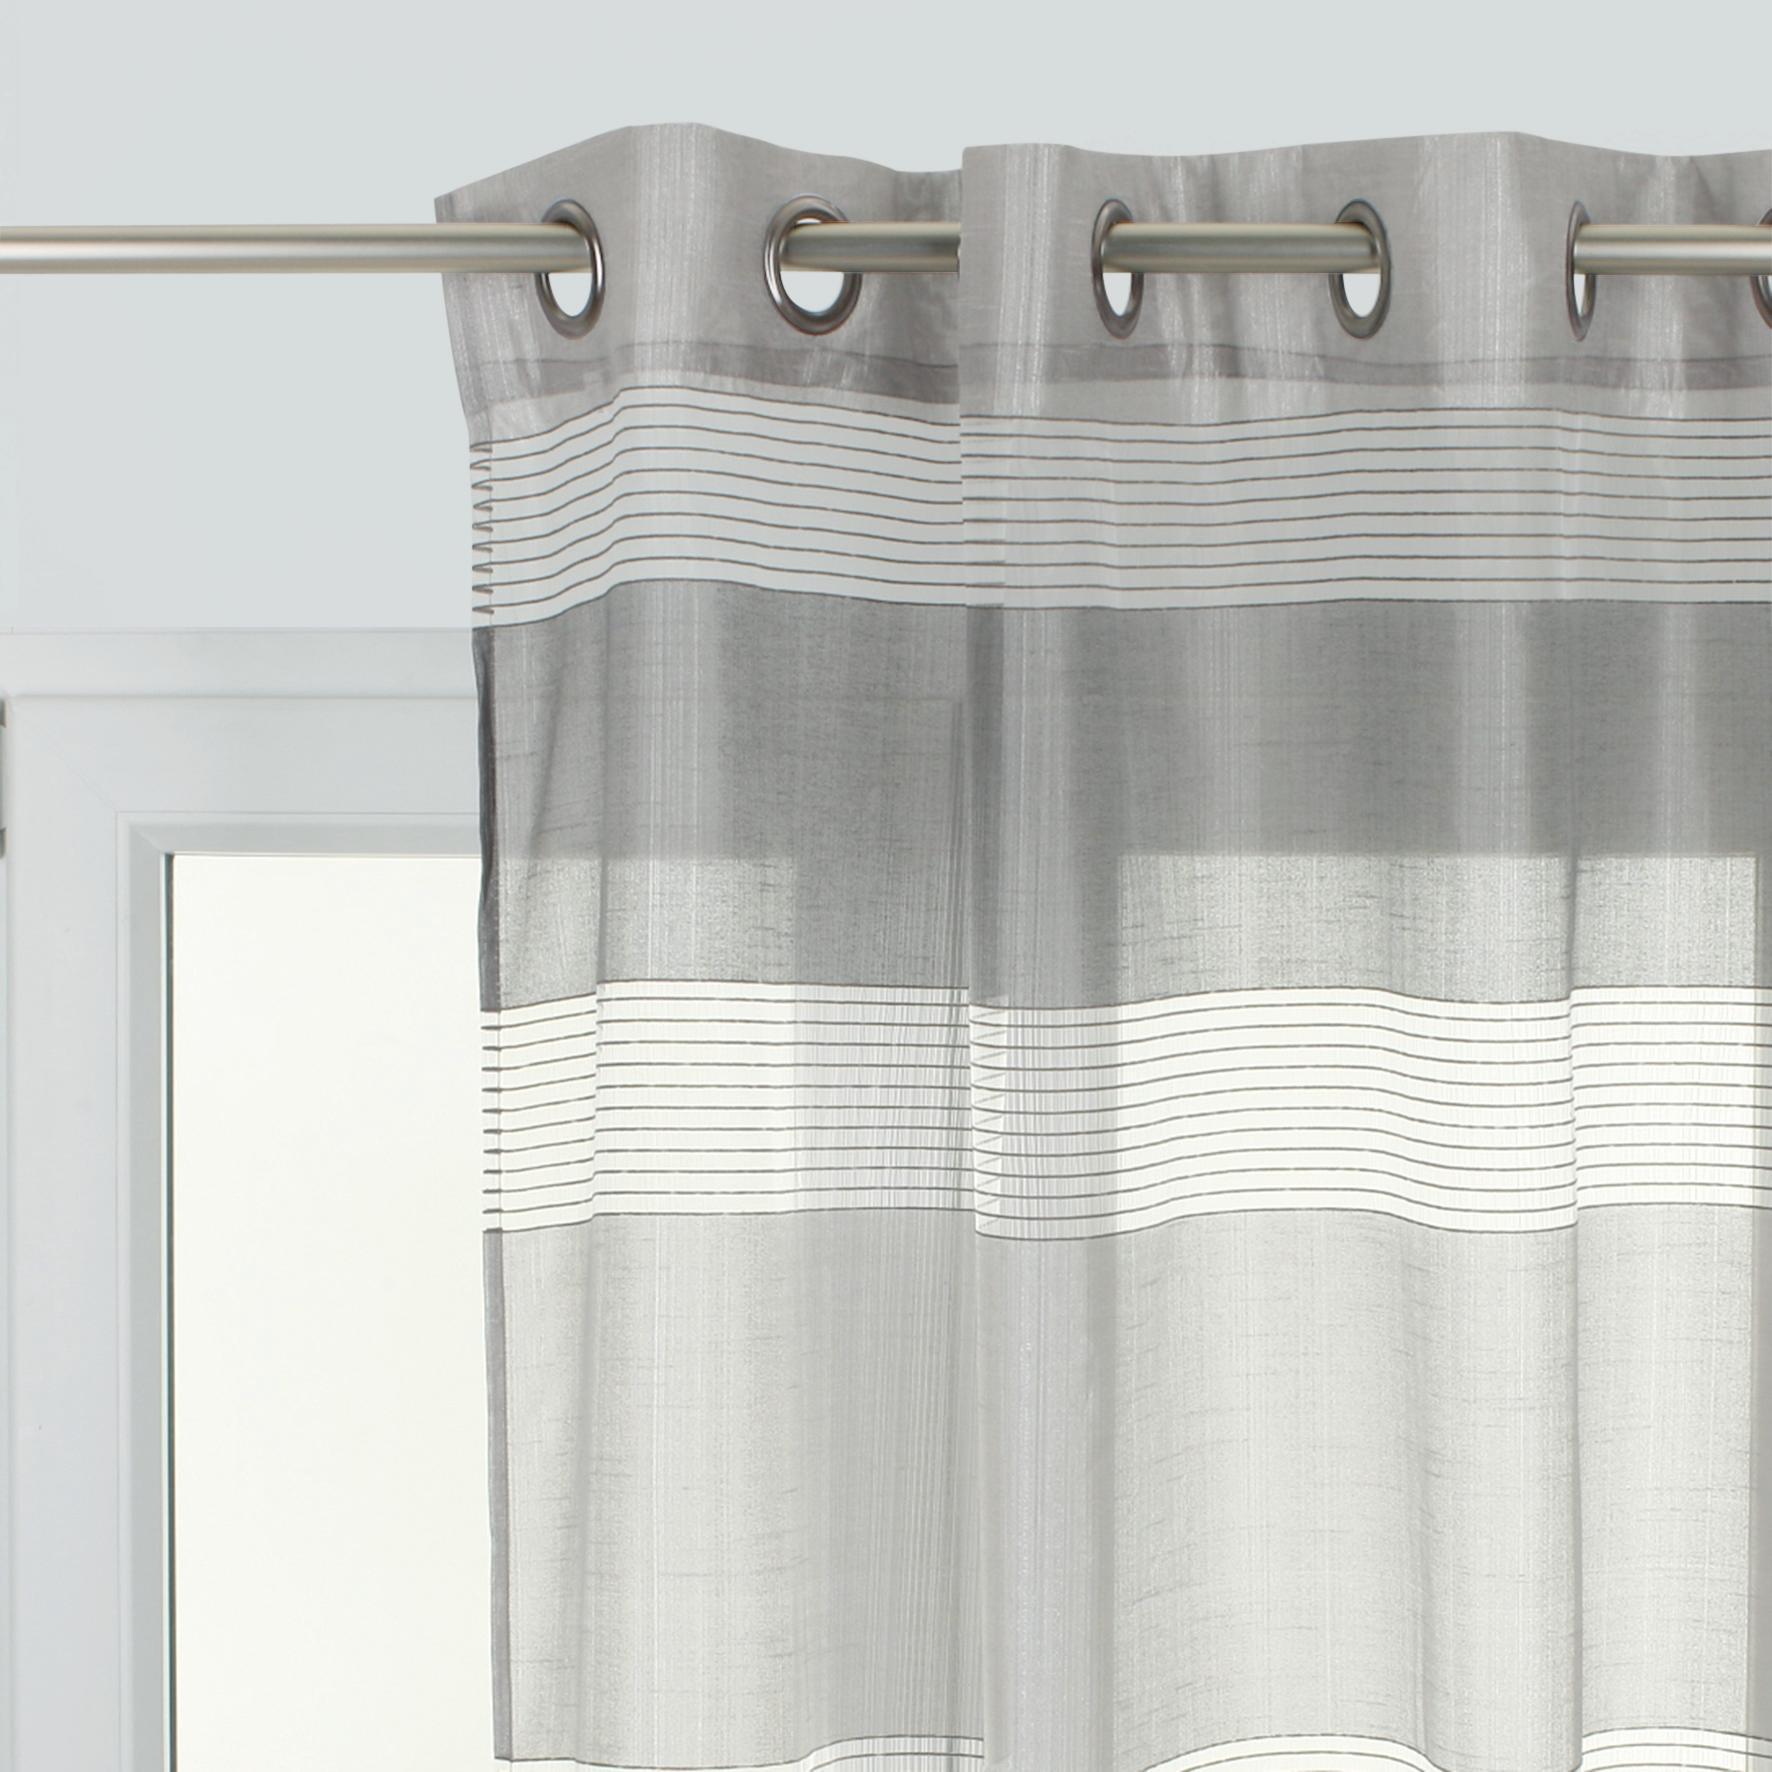 Tenda Stripe grigio occhielli 140 x 280 cm - 1